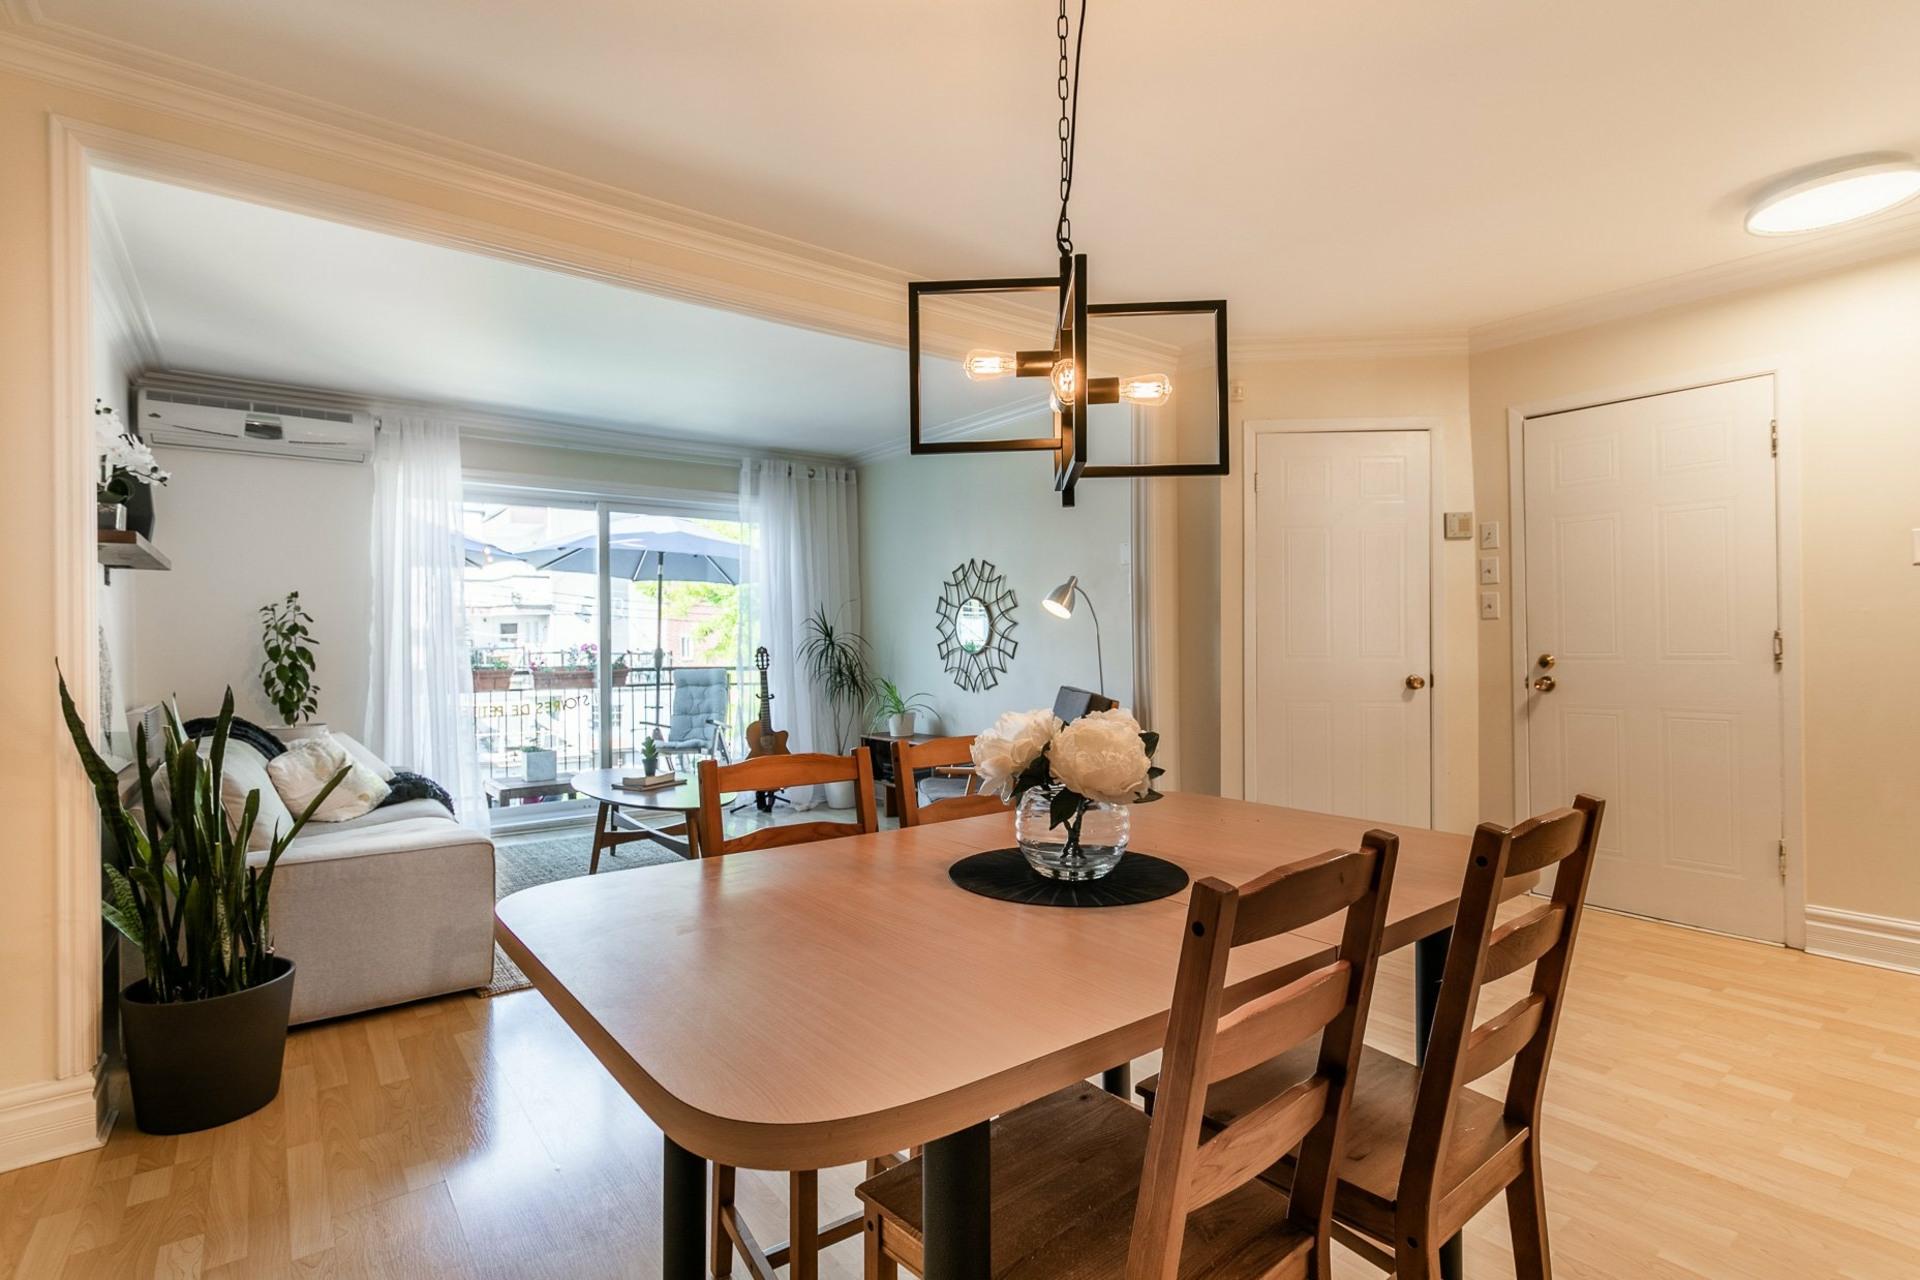 image 9 - Appartement À vendre Villeray/Saint-Michel/Parc-Extension Montréal  - 5 pièces